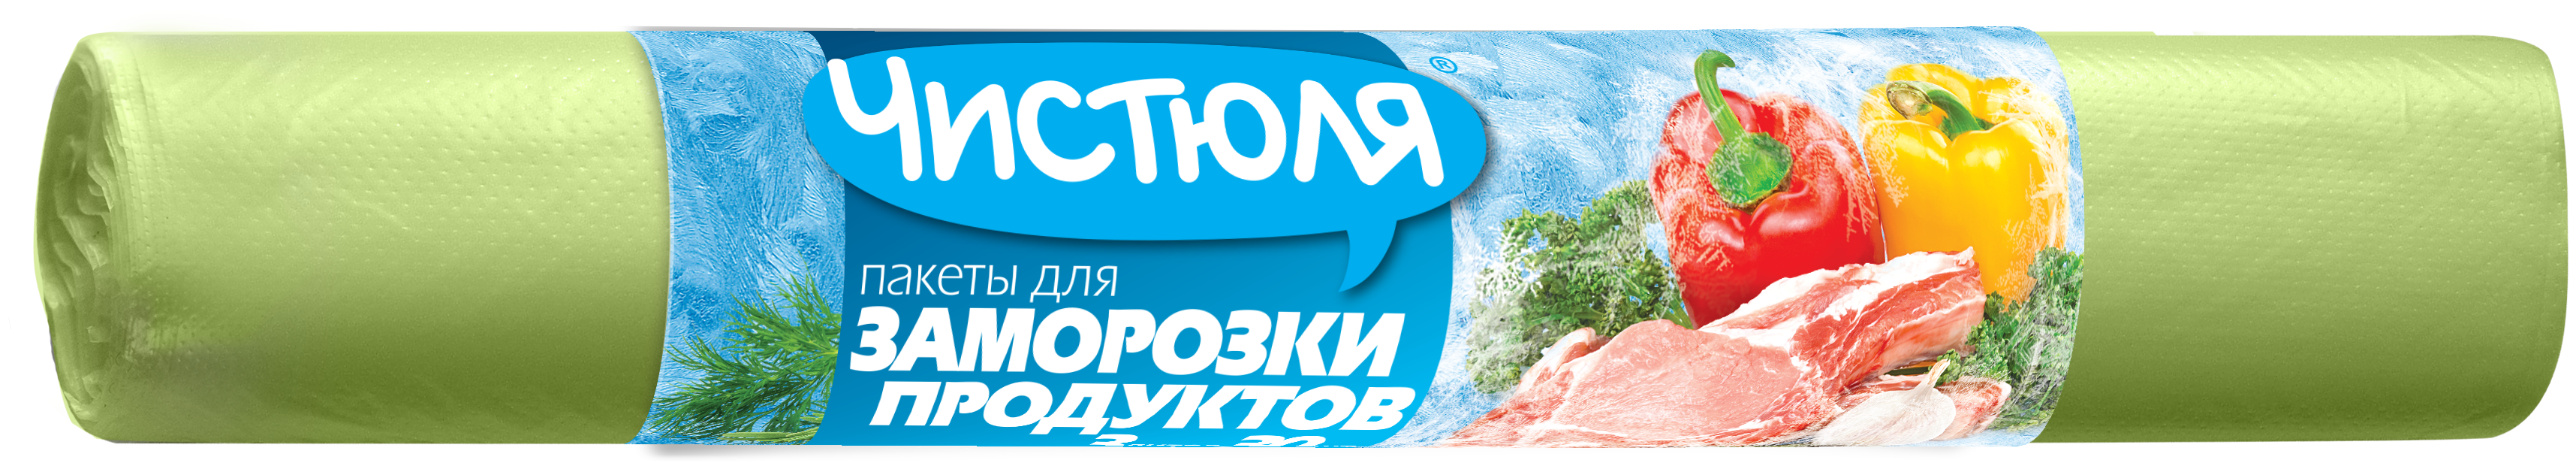 Пакеты для замораживания Чистюля — купить по выгодной цене на Яндекс.Маркете